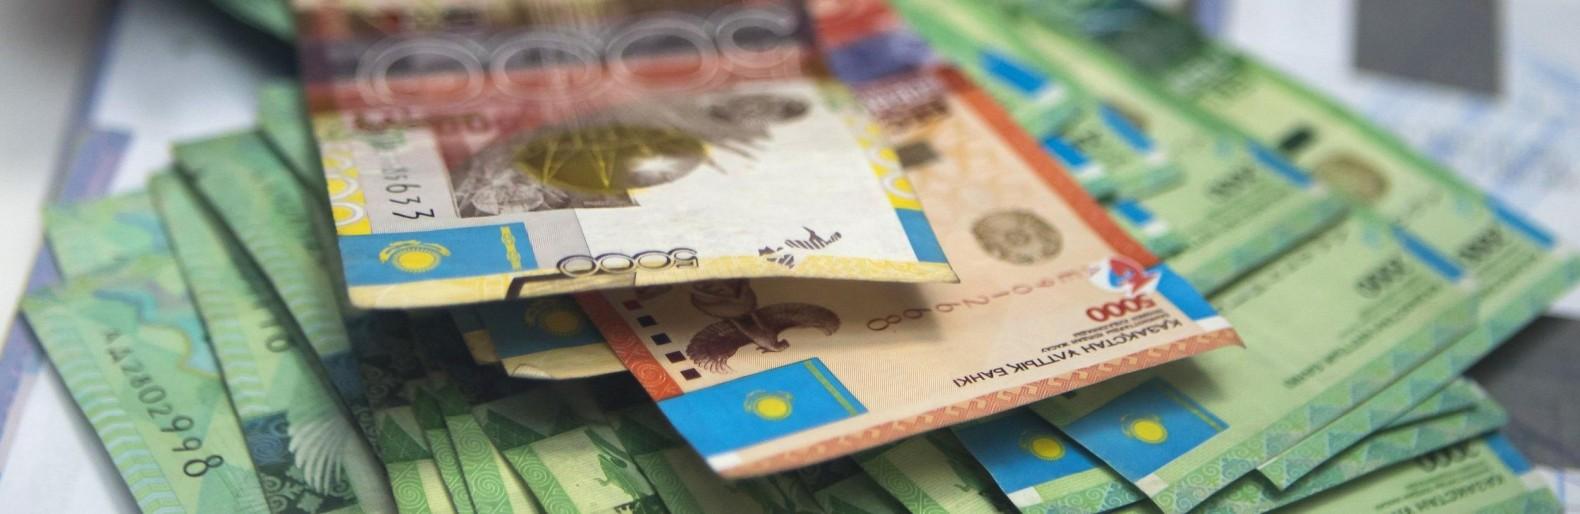 Нацбанк запретил Банку Астаны до 28 сентября заключать новые договоры банковского счета с физлицами